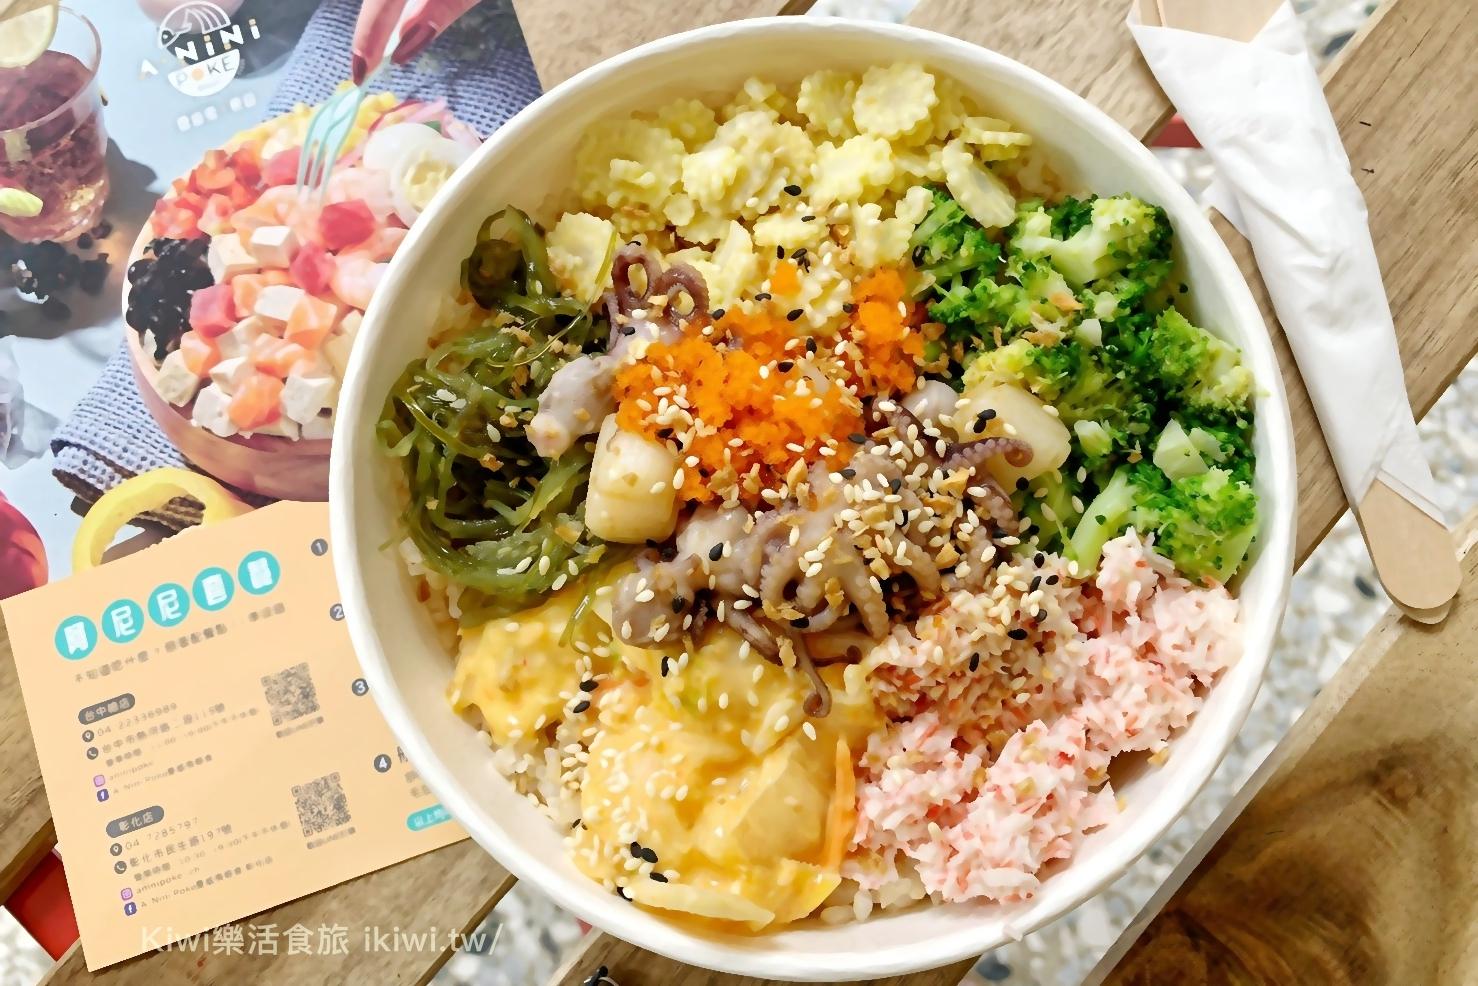 A-Nini Poke 夏威夷輕食|彰化輕食餐盒,低負擔便當,主菜.30幾種菜色自由搭配